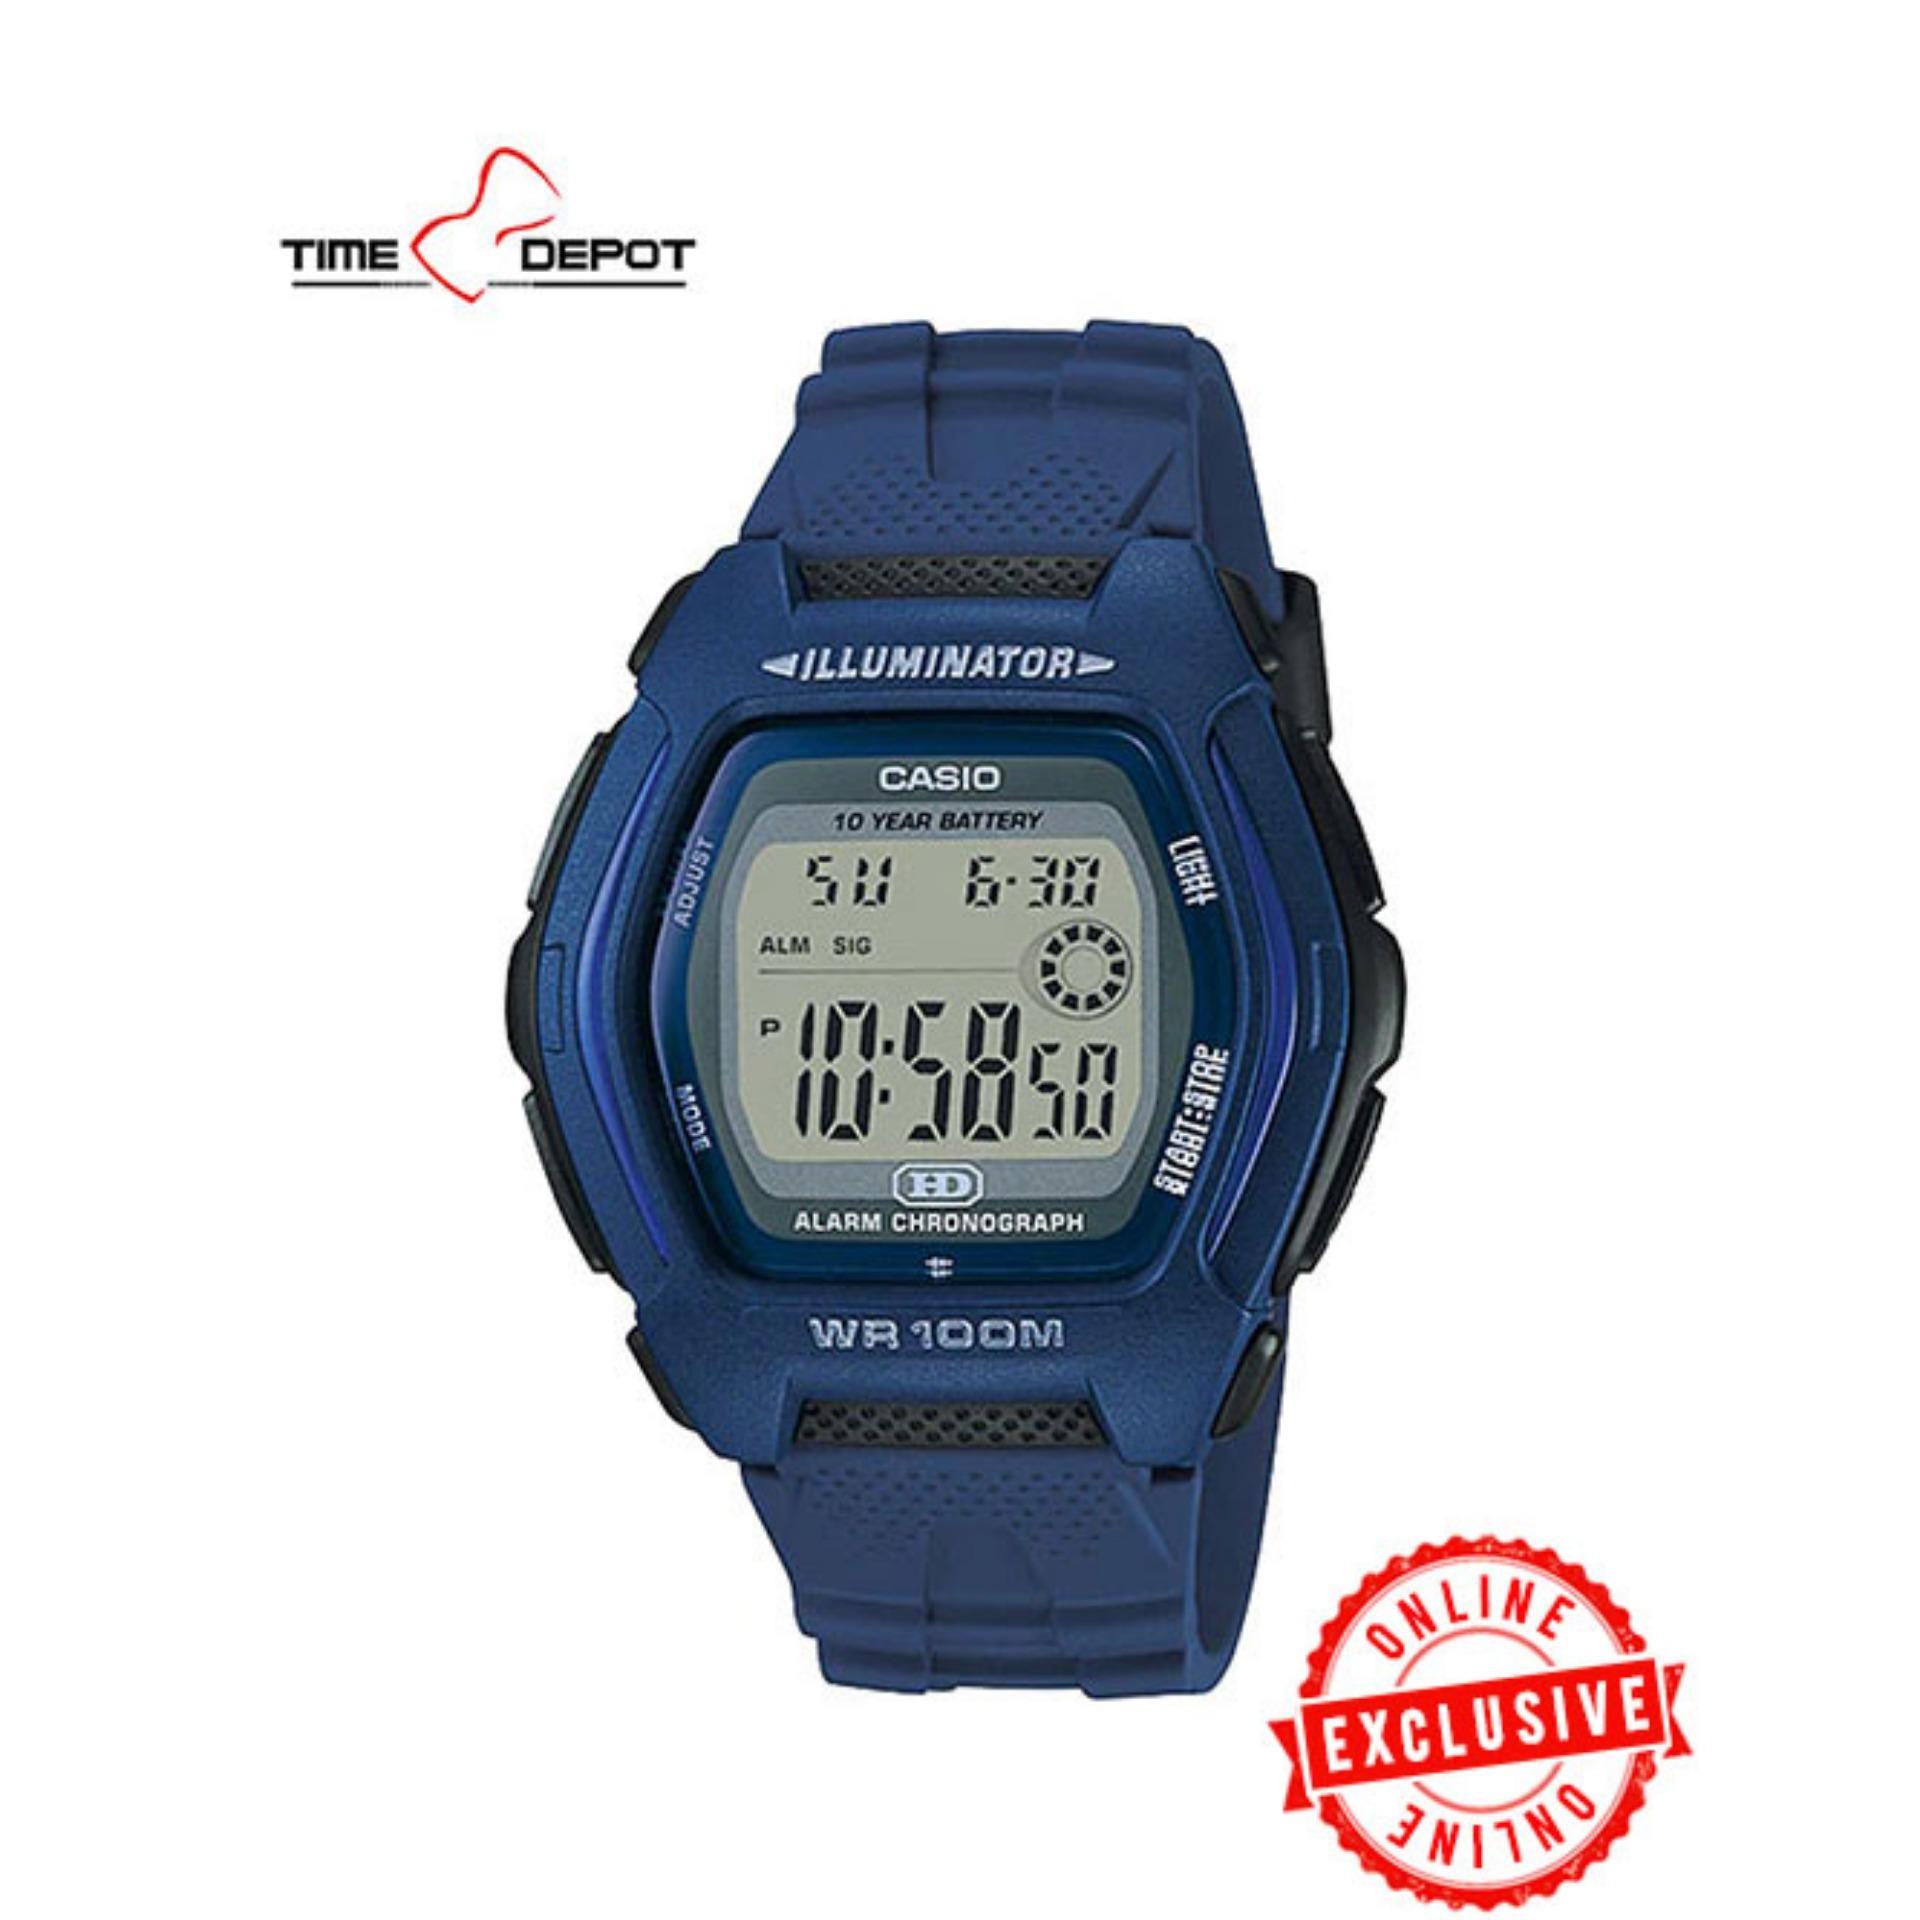 2d69be438 Casio Philippines: Casio price list - Casio Watches for Men & Women ...